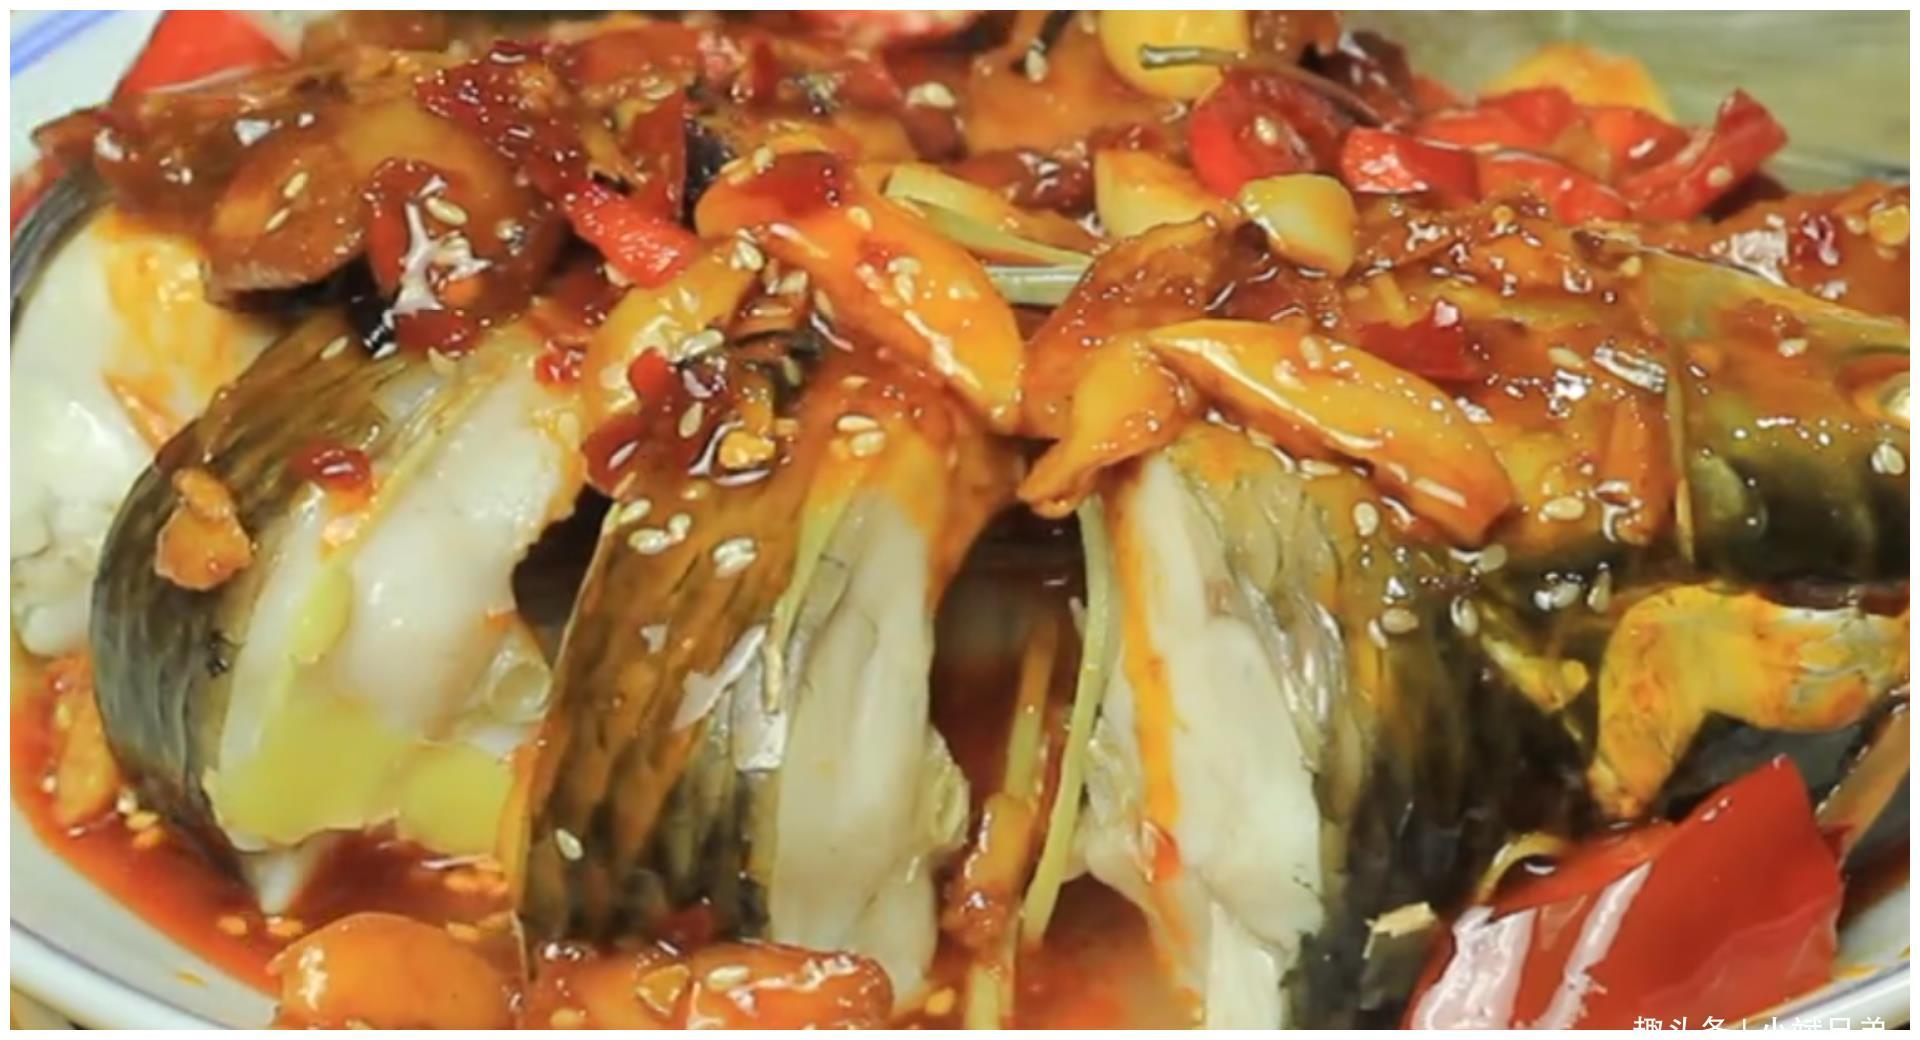 """大厨教你好吃的""""酱汁淋草鱼""""家常做法,肉质润滑,味道鲜美"""